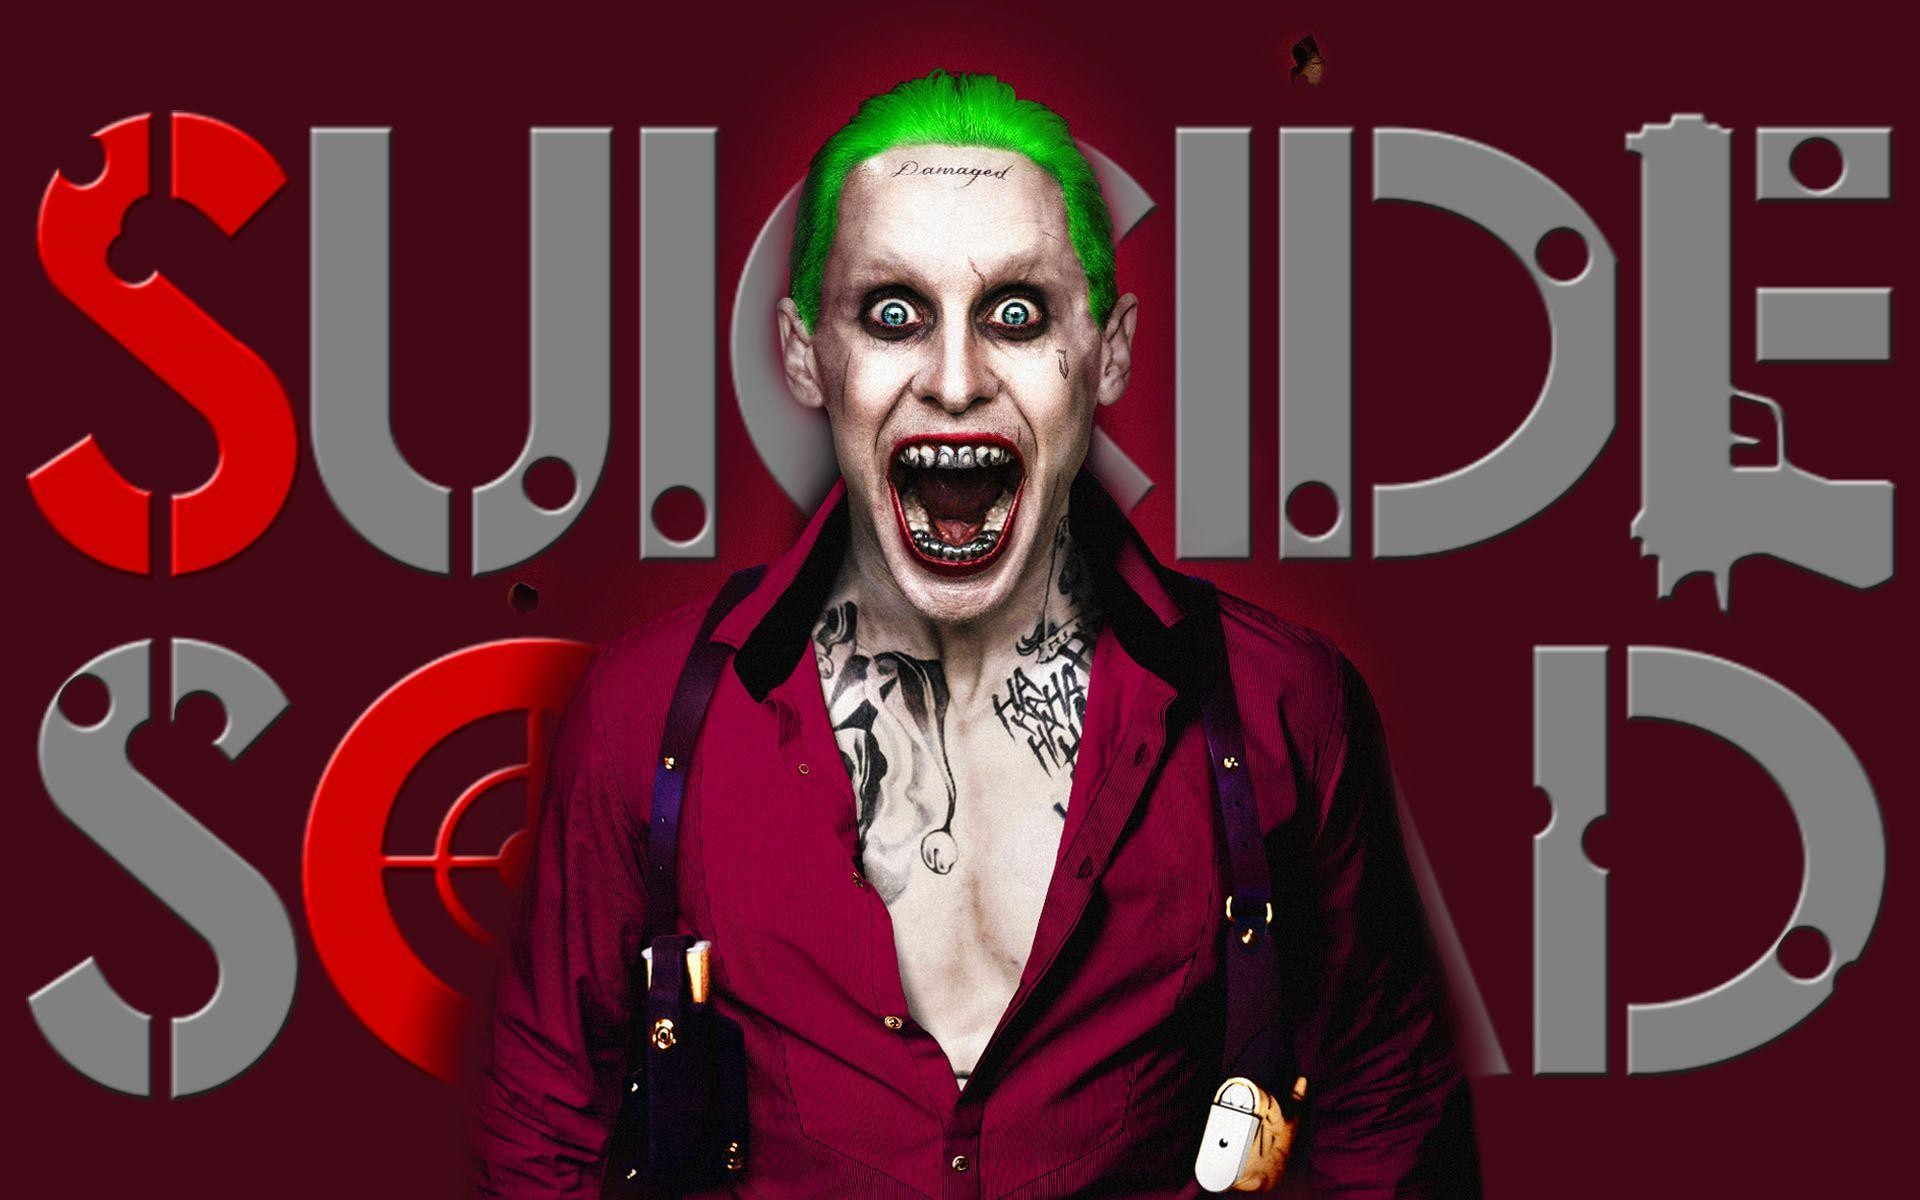 Jared Leto Joker Wallpaper 78 Images